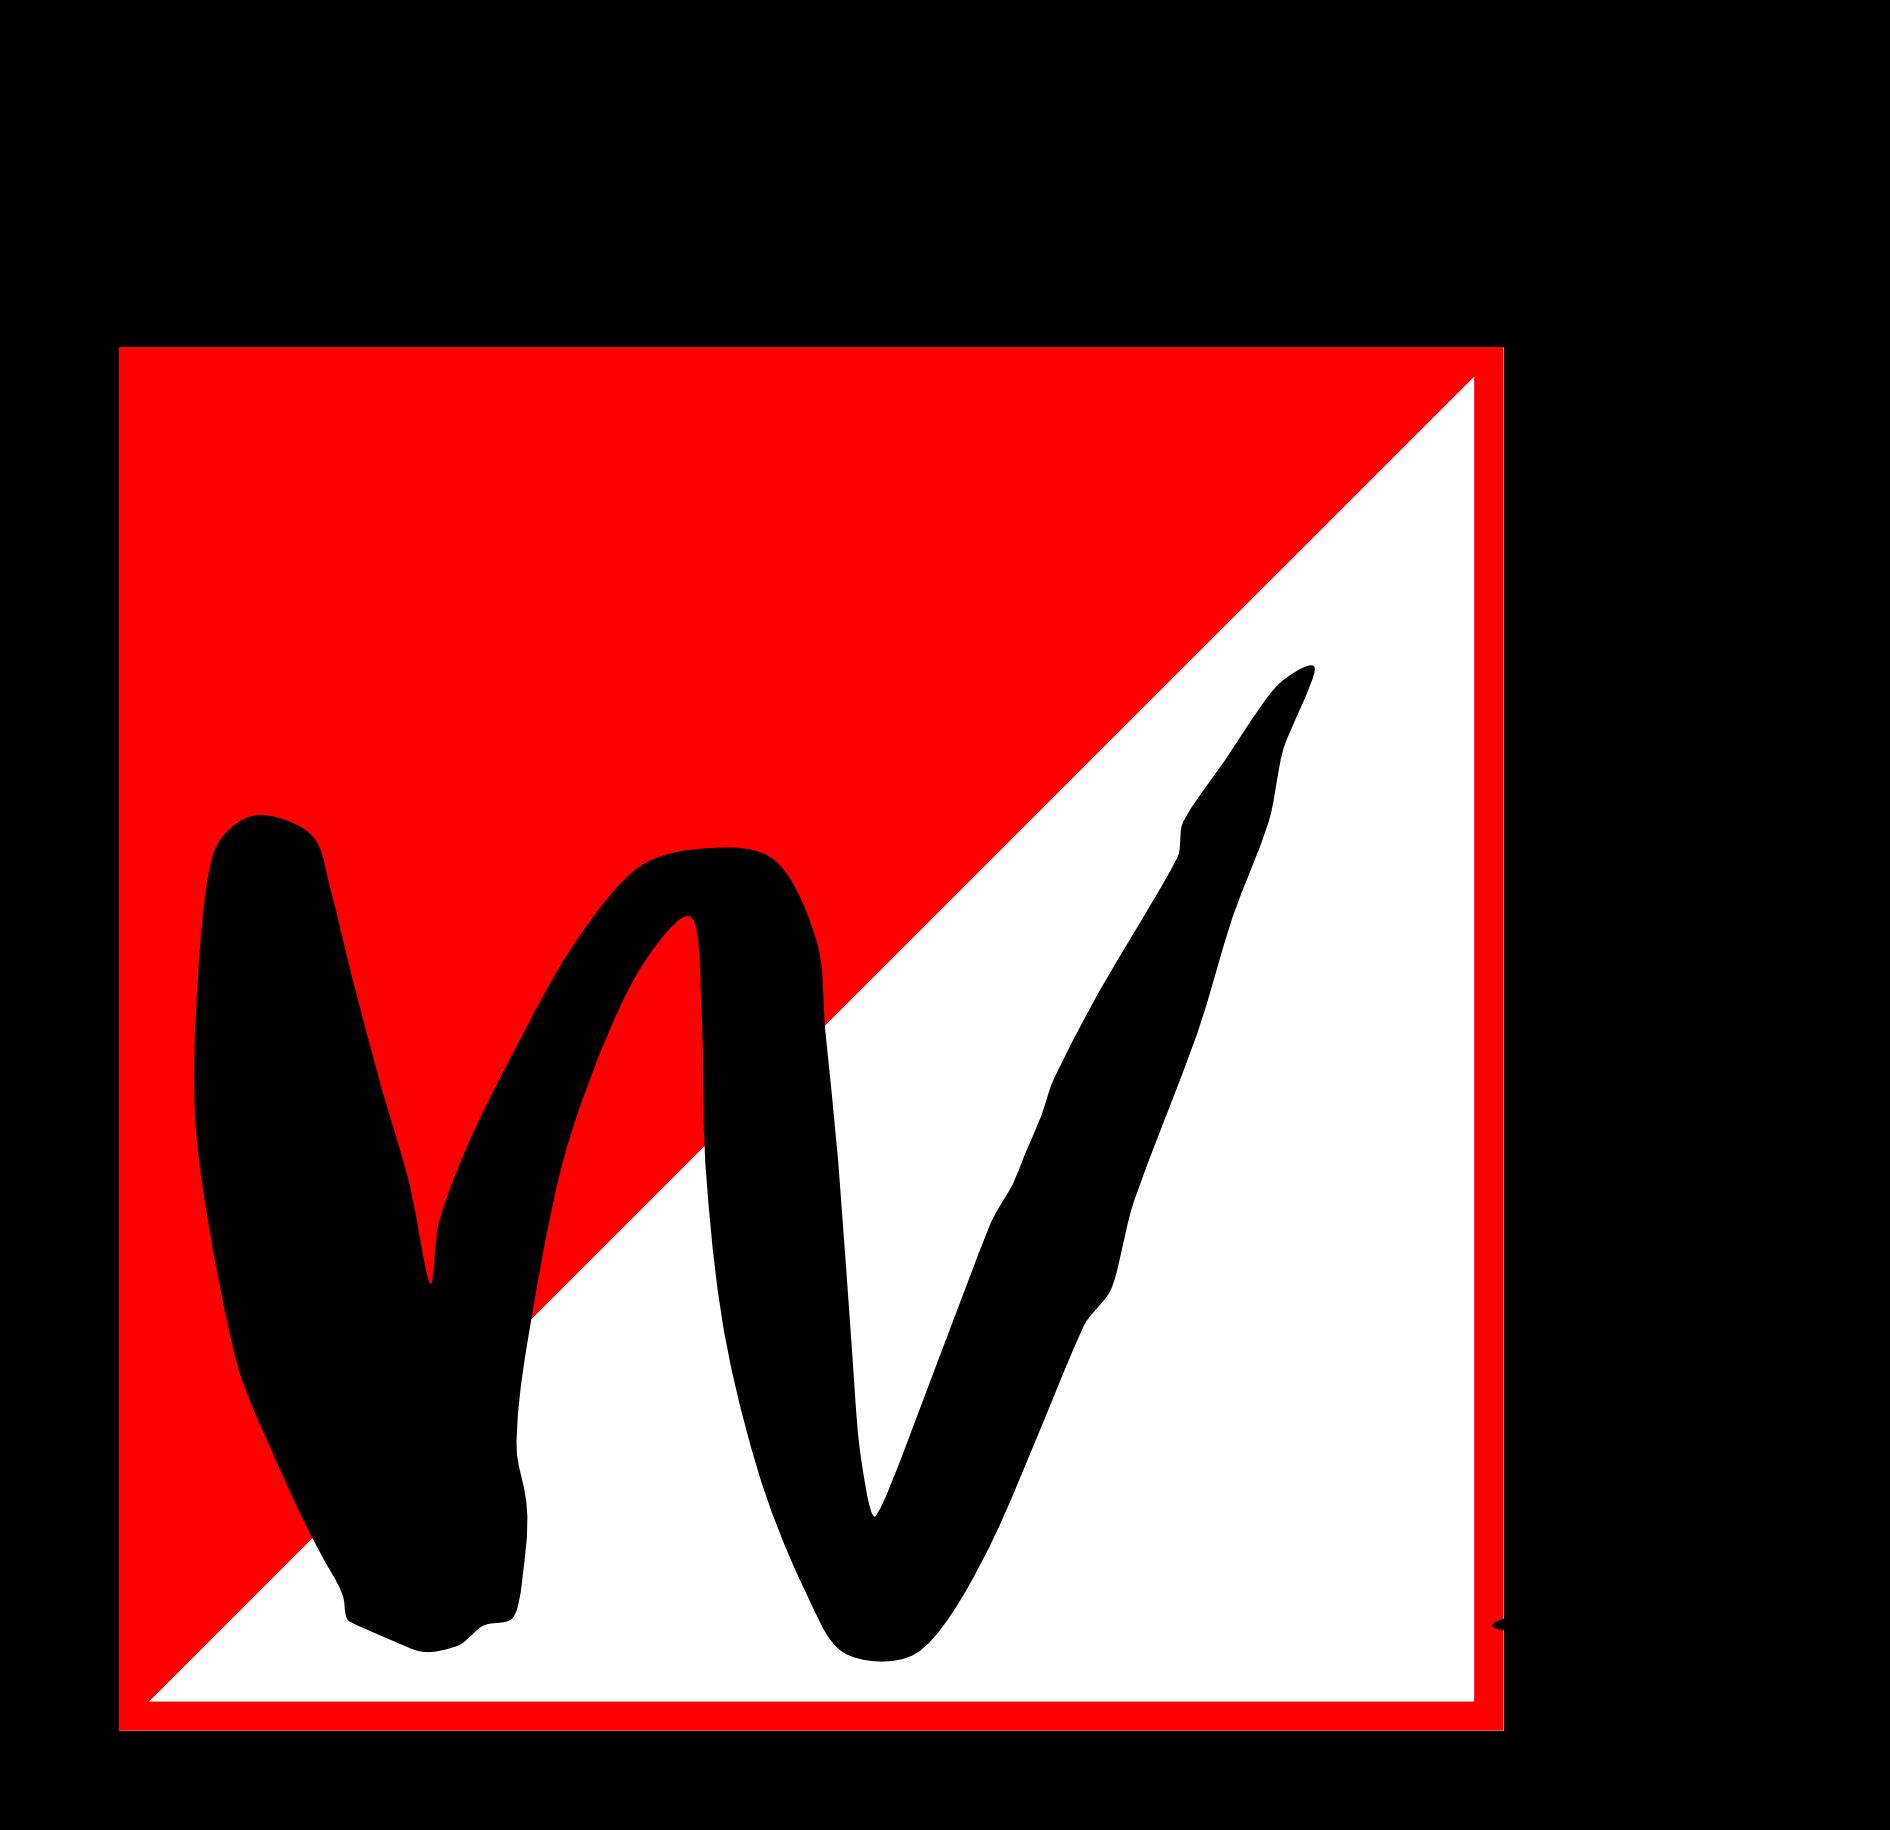 FC Rot-Weiß Weilheim